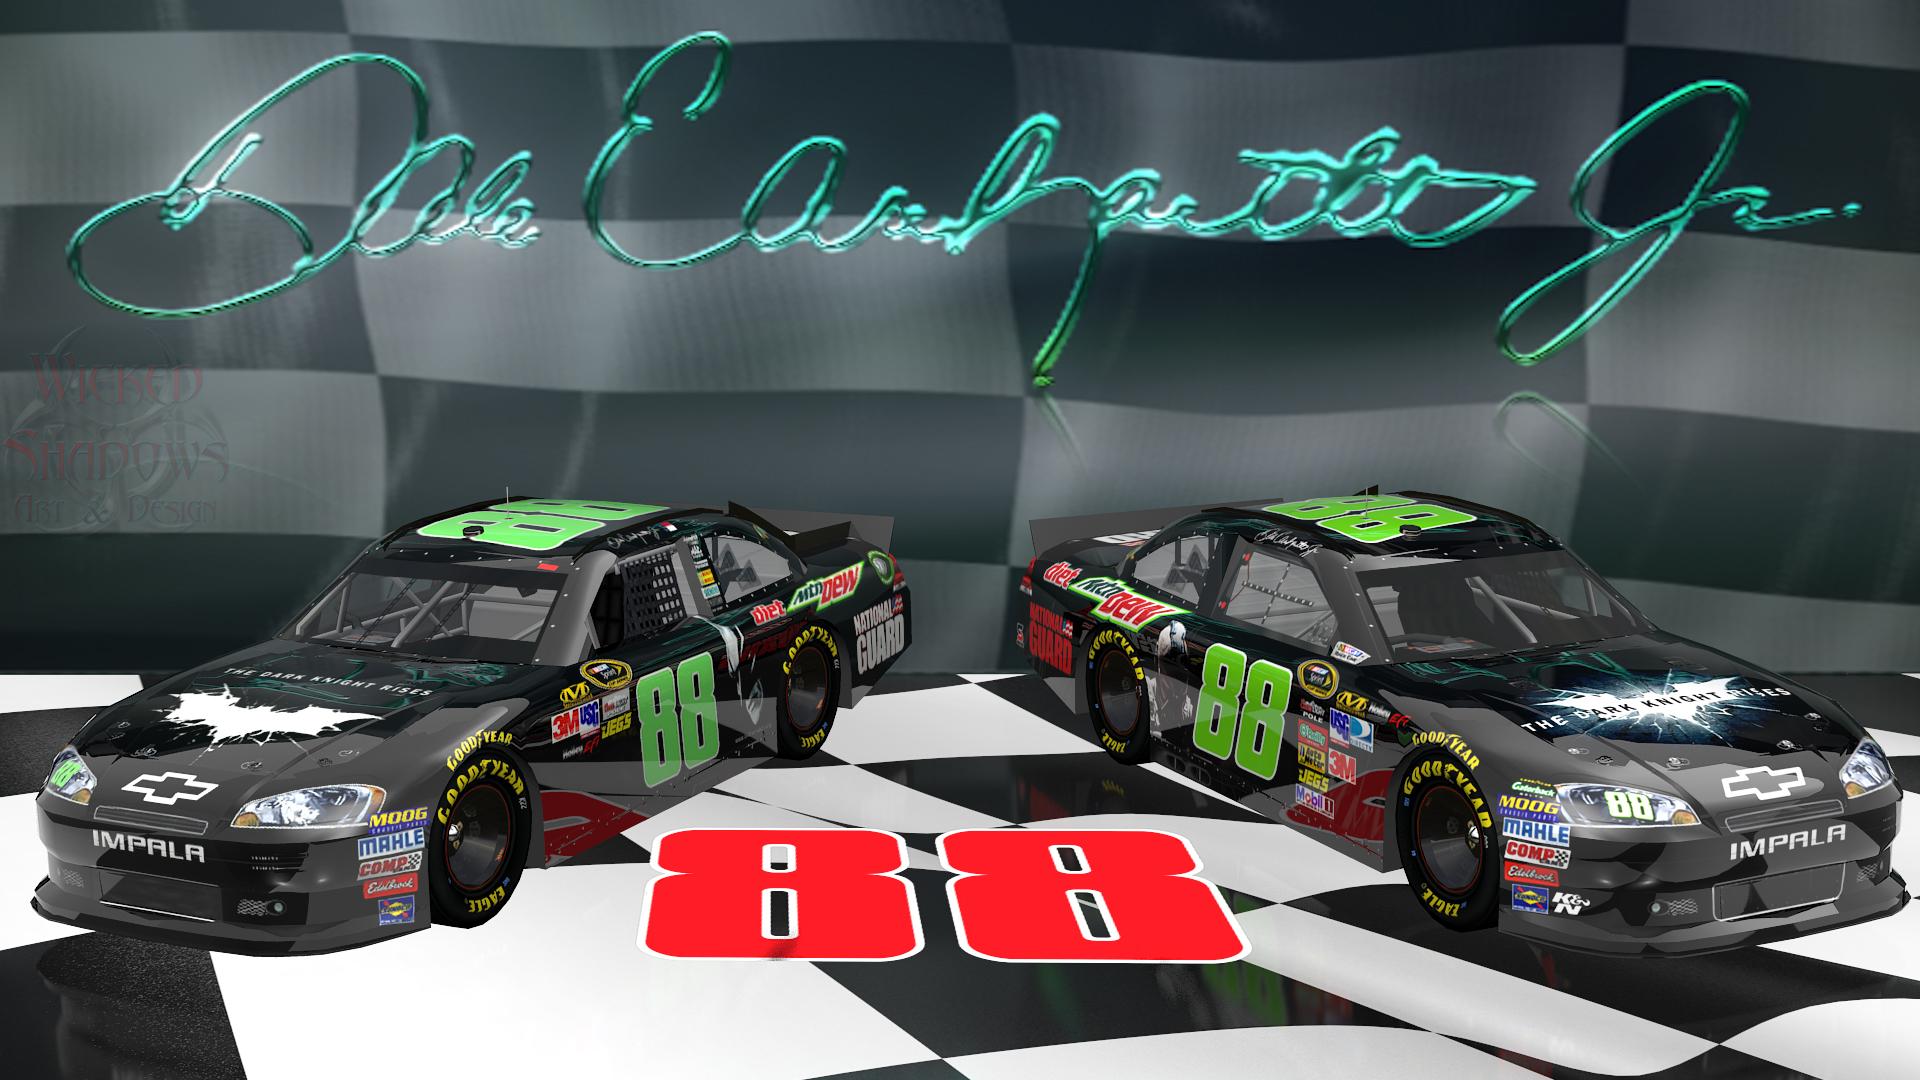 Dale Earnhardt Jr Dale Earnhardt Jr Victory Lane Dark Knight wallpaper 1920x1080